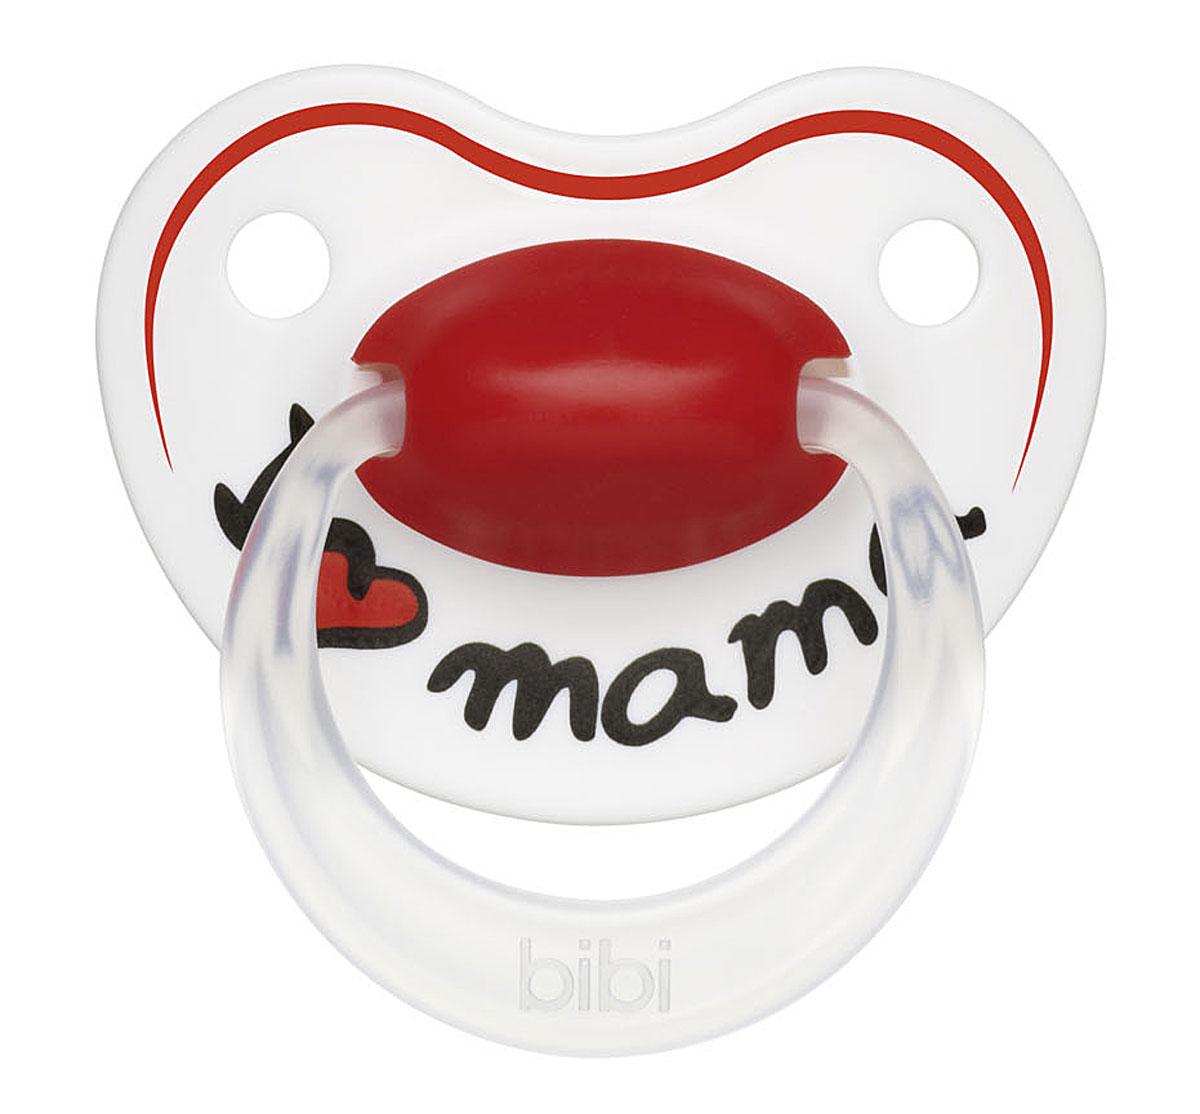 Bibi Пустышка силиконовая Premium Dental Happiness Mama от 6 до 16 месяцев113216Пустышка разработана с учетом новейших экспертных рекомендаций и сотрудничества с мамами. - Легкая и сбалансированная по весу пустышка для гармоничного восприятия. - Бархатистый мягкий и гибкий силикон для комфорта и максимальной безопасности. - Пупырышки SensoPearls - для нежного контакта нагубника с кожей малыша. - Увеличенные вентиляционные отверстия в нагубнике для комфорта нежной детской кожи. - Эргономичная форма нагубника ErgoComfort подходит для всех малышей. - Безупречное качество! - Ортодонтическая форма соски формирует правильное развитие прикусам. - Специальный клапан внутри соски обеспечивает циркуляцию воздуха, поэтому соска всегда остается мягкой и гибкой. - Пустышки сделаны из высококачественного полипропилена (нагубник) и силикона (соска). - Защитный колпачок в комплекте с каждой пустышкой. - Модный дизайн выполнен совершенно безопасными пищевыми красителями.